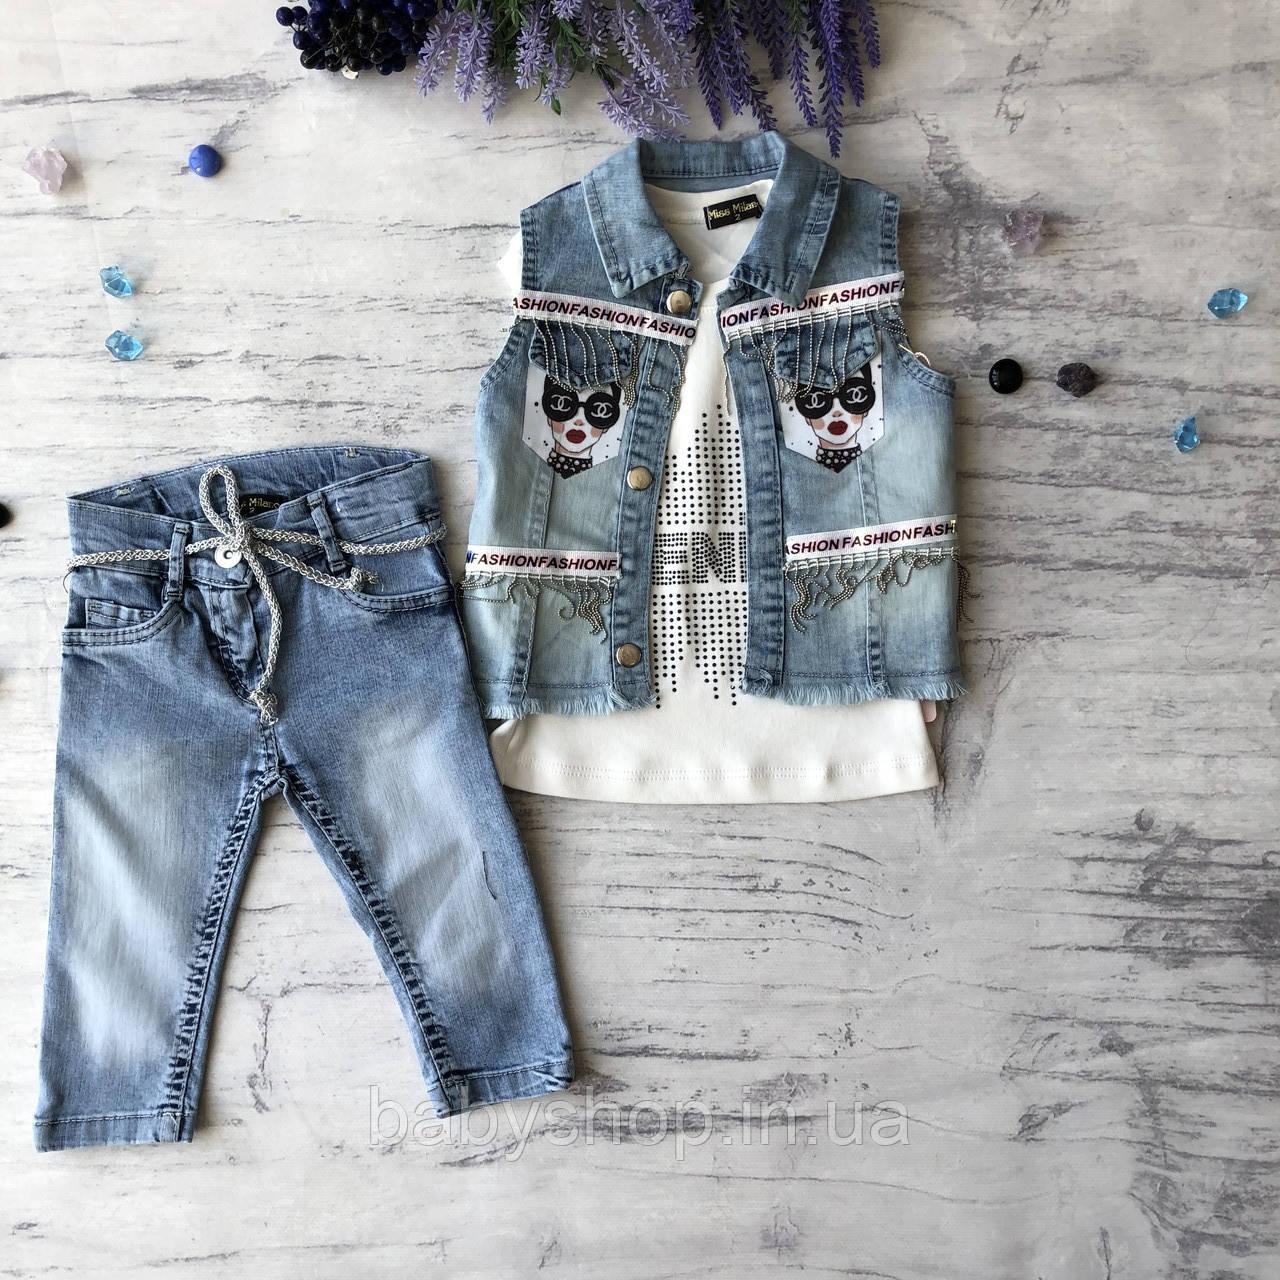 Летний джинсовый костюм на девочку 585. Размер 92 см, 98 см, 104 см, 110 см